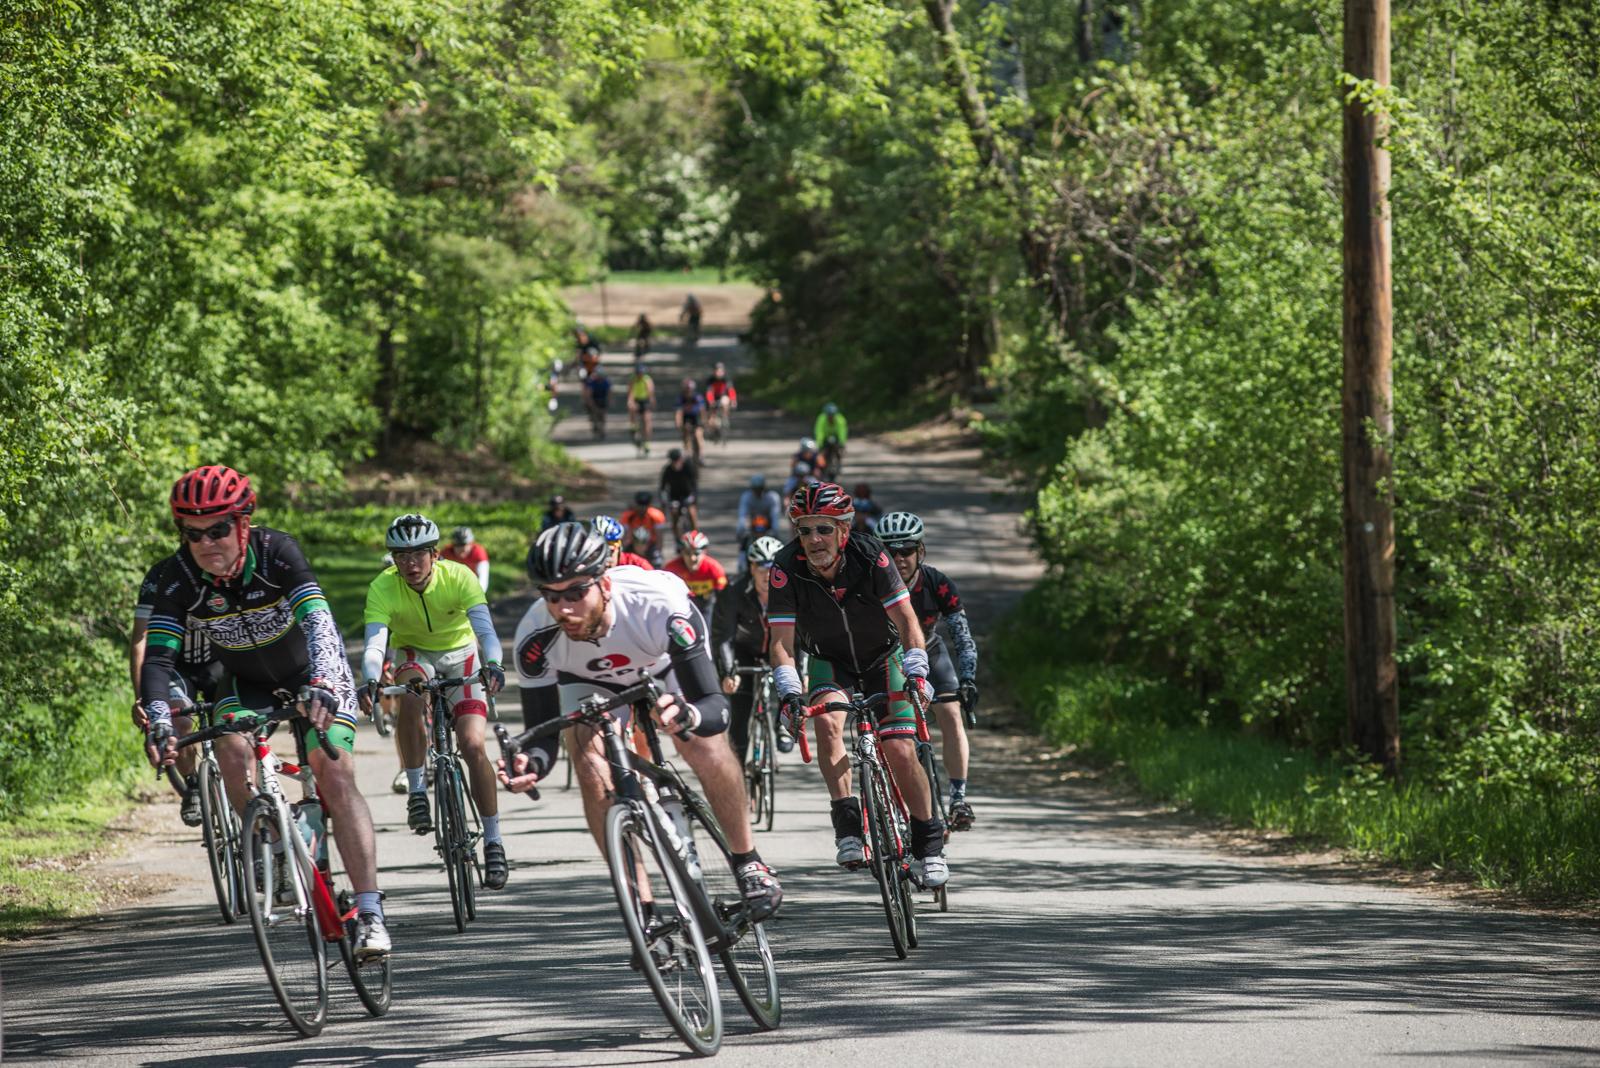 RidePage_Carousel_photos-5.jpg